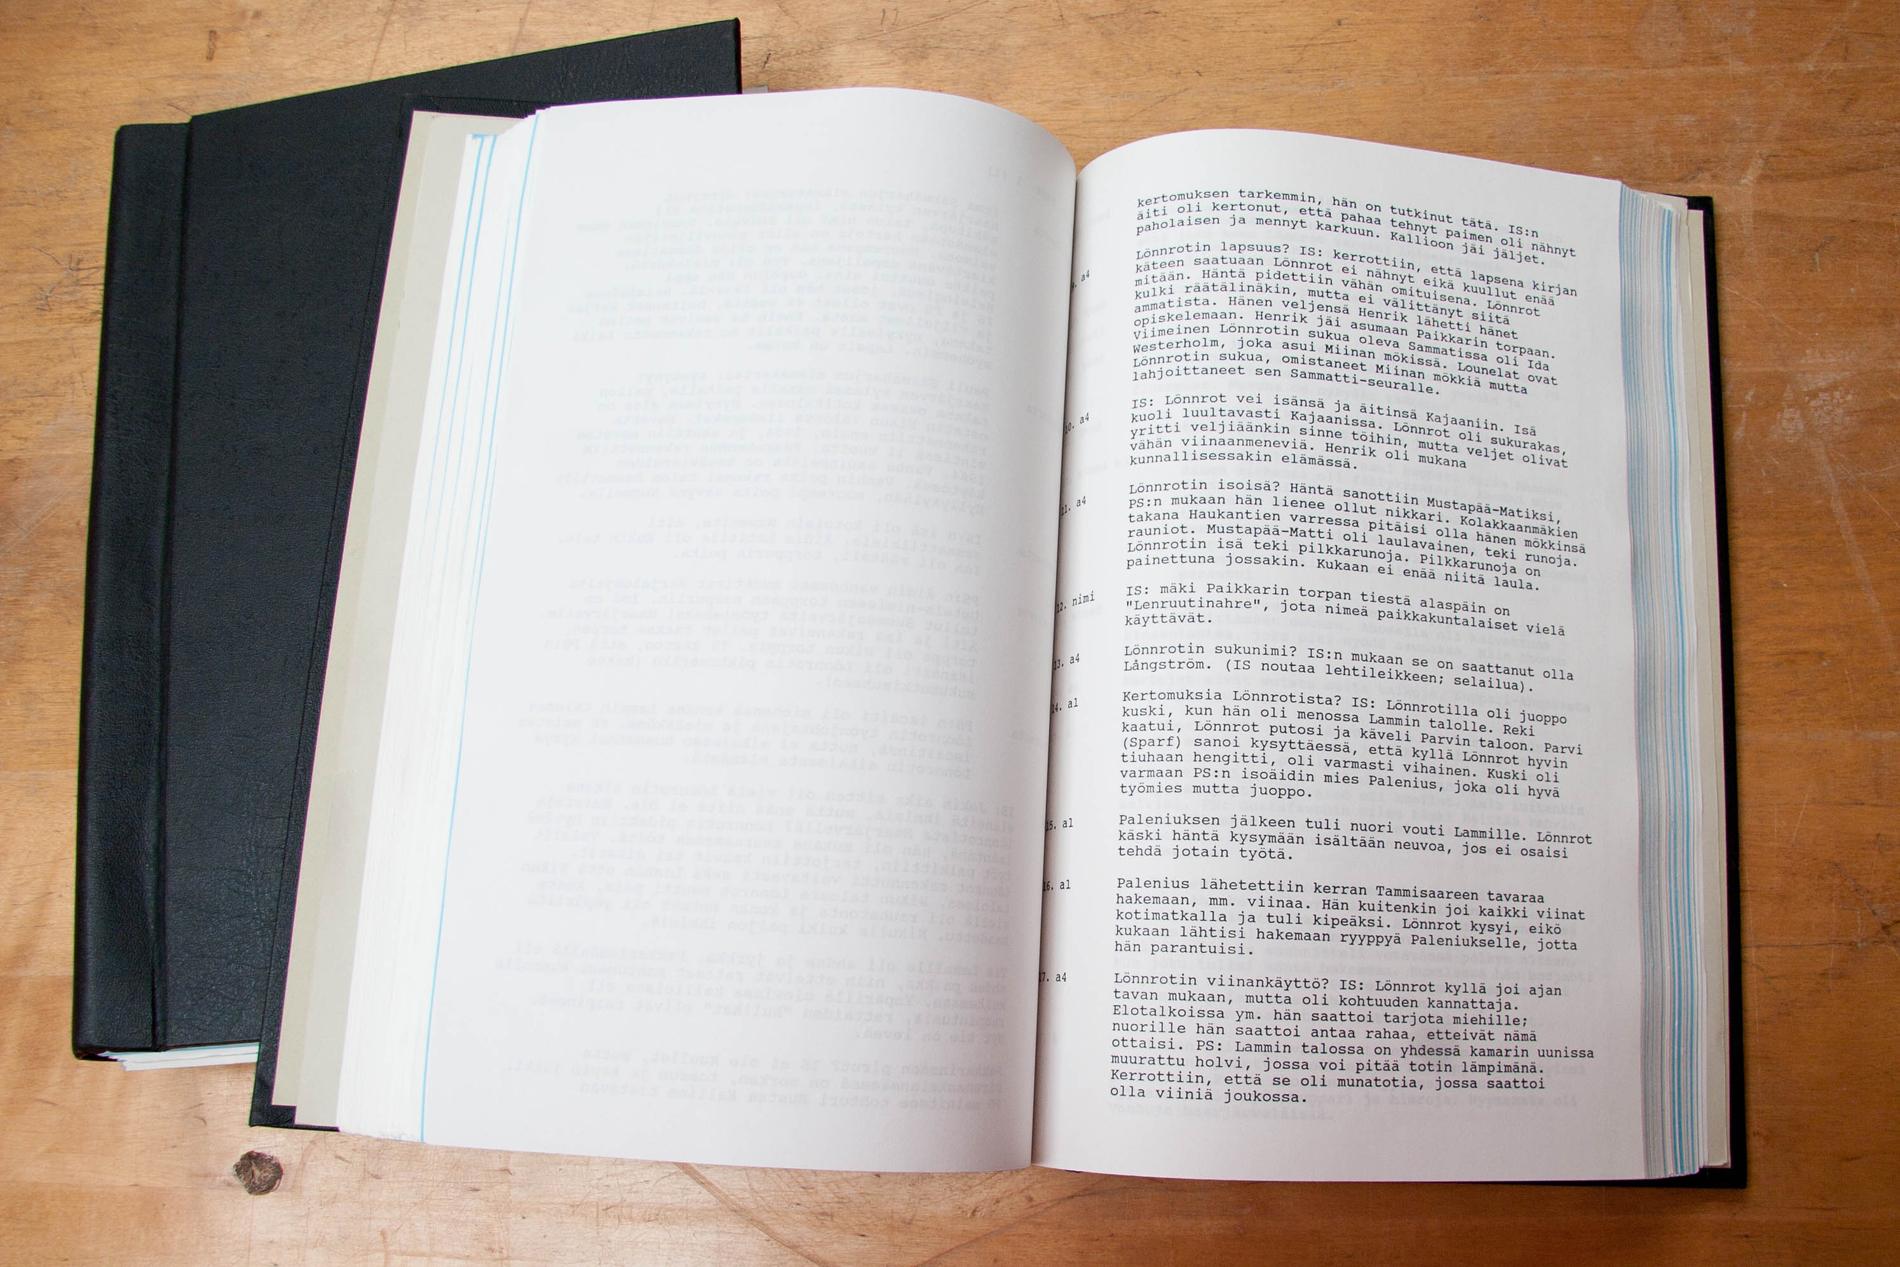 Sisällysluettelon avulla äänitteen seuraaminen helpottuu, sillä siihen on referoitu äänitteen sisältö. SKS KIA. Kuva: Milla Eräsaari.